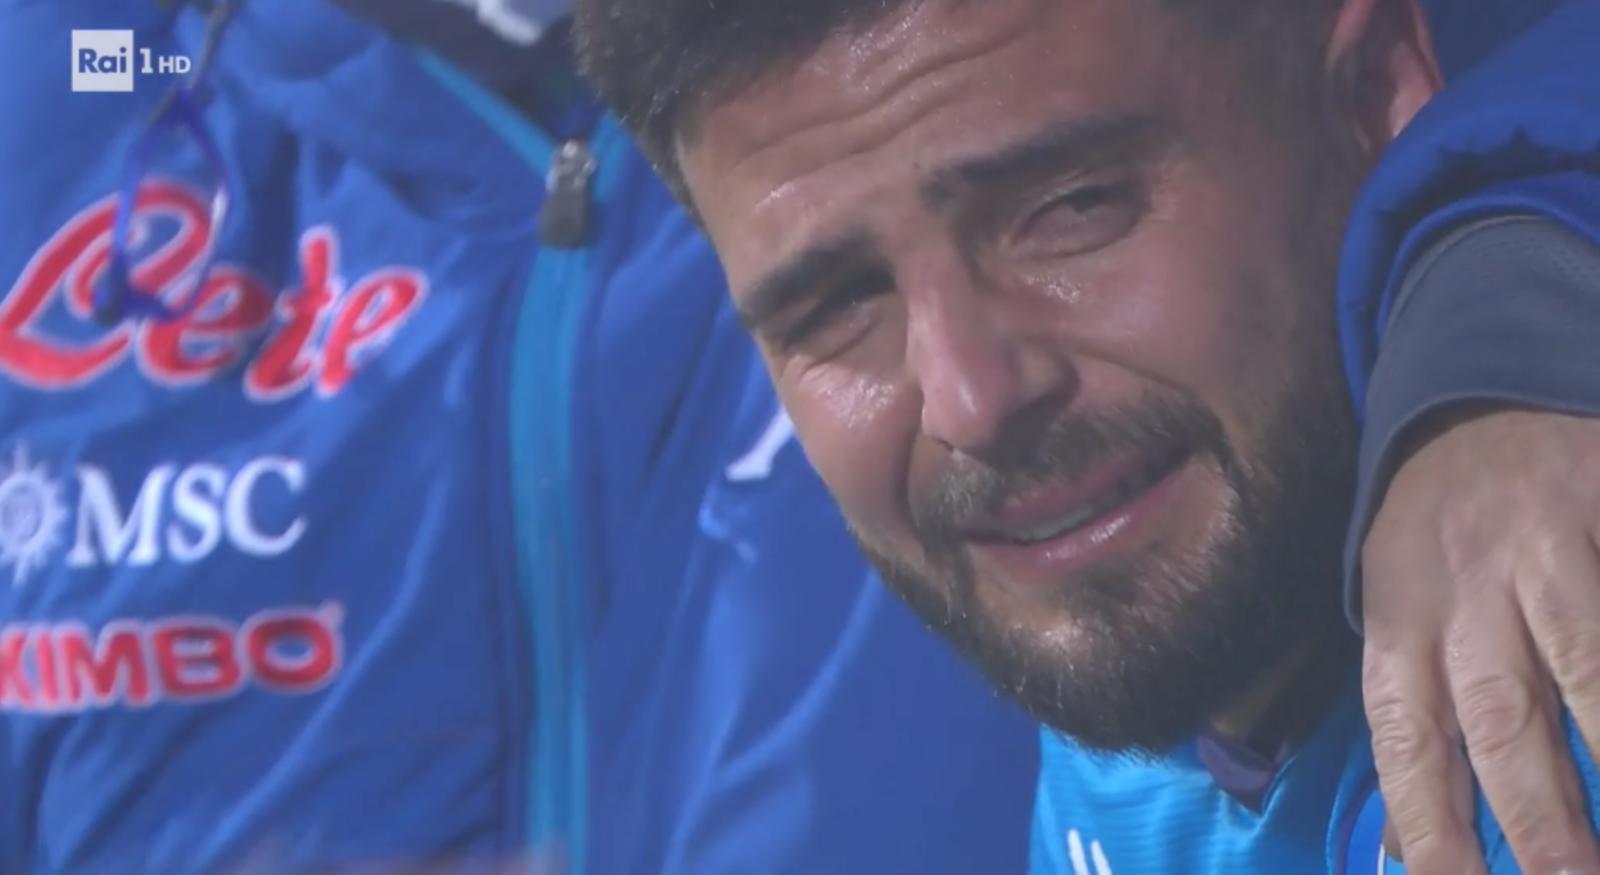 Insigne, serata nera in Supercoppa: rigore sbagliato e lacrime